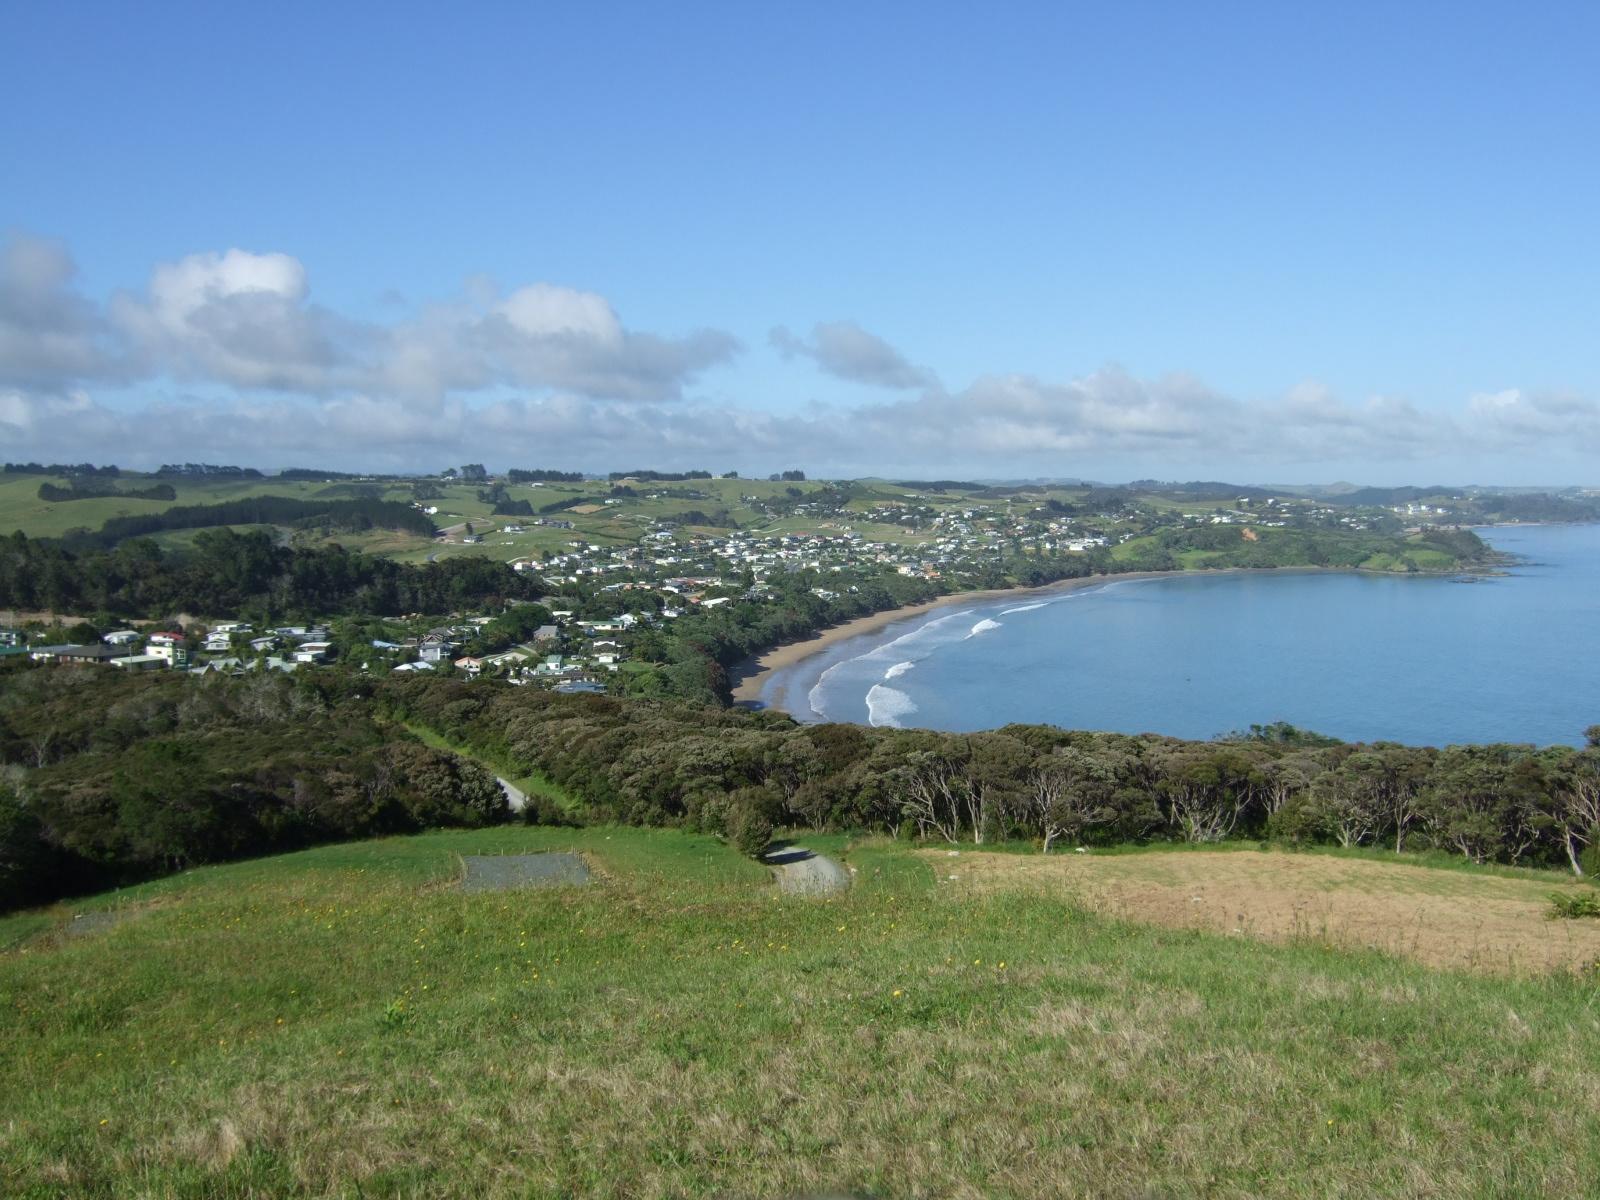 ランギカピティ パ 歴史保護区,NZ〈著作権フリー無料画像〉Free Stock Photos